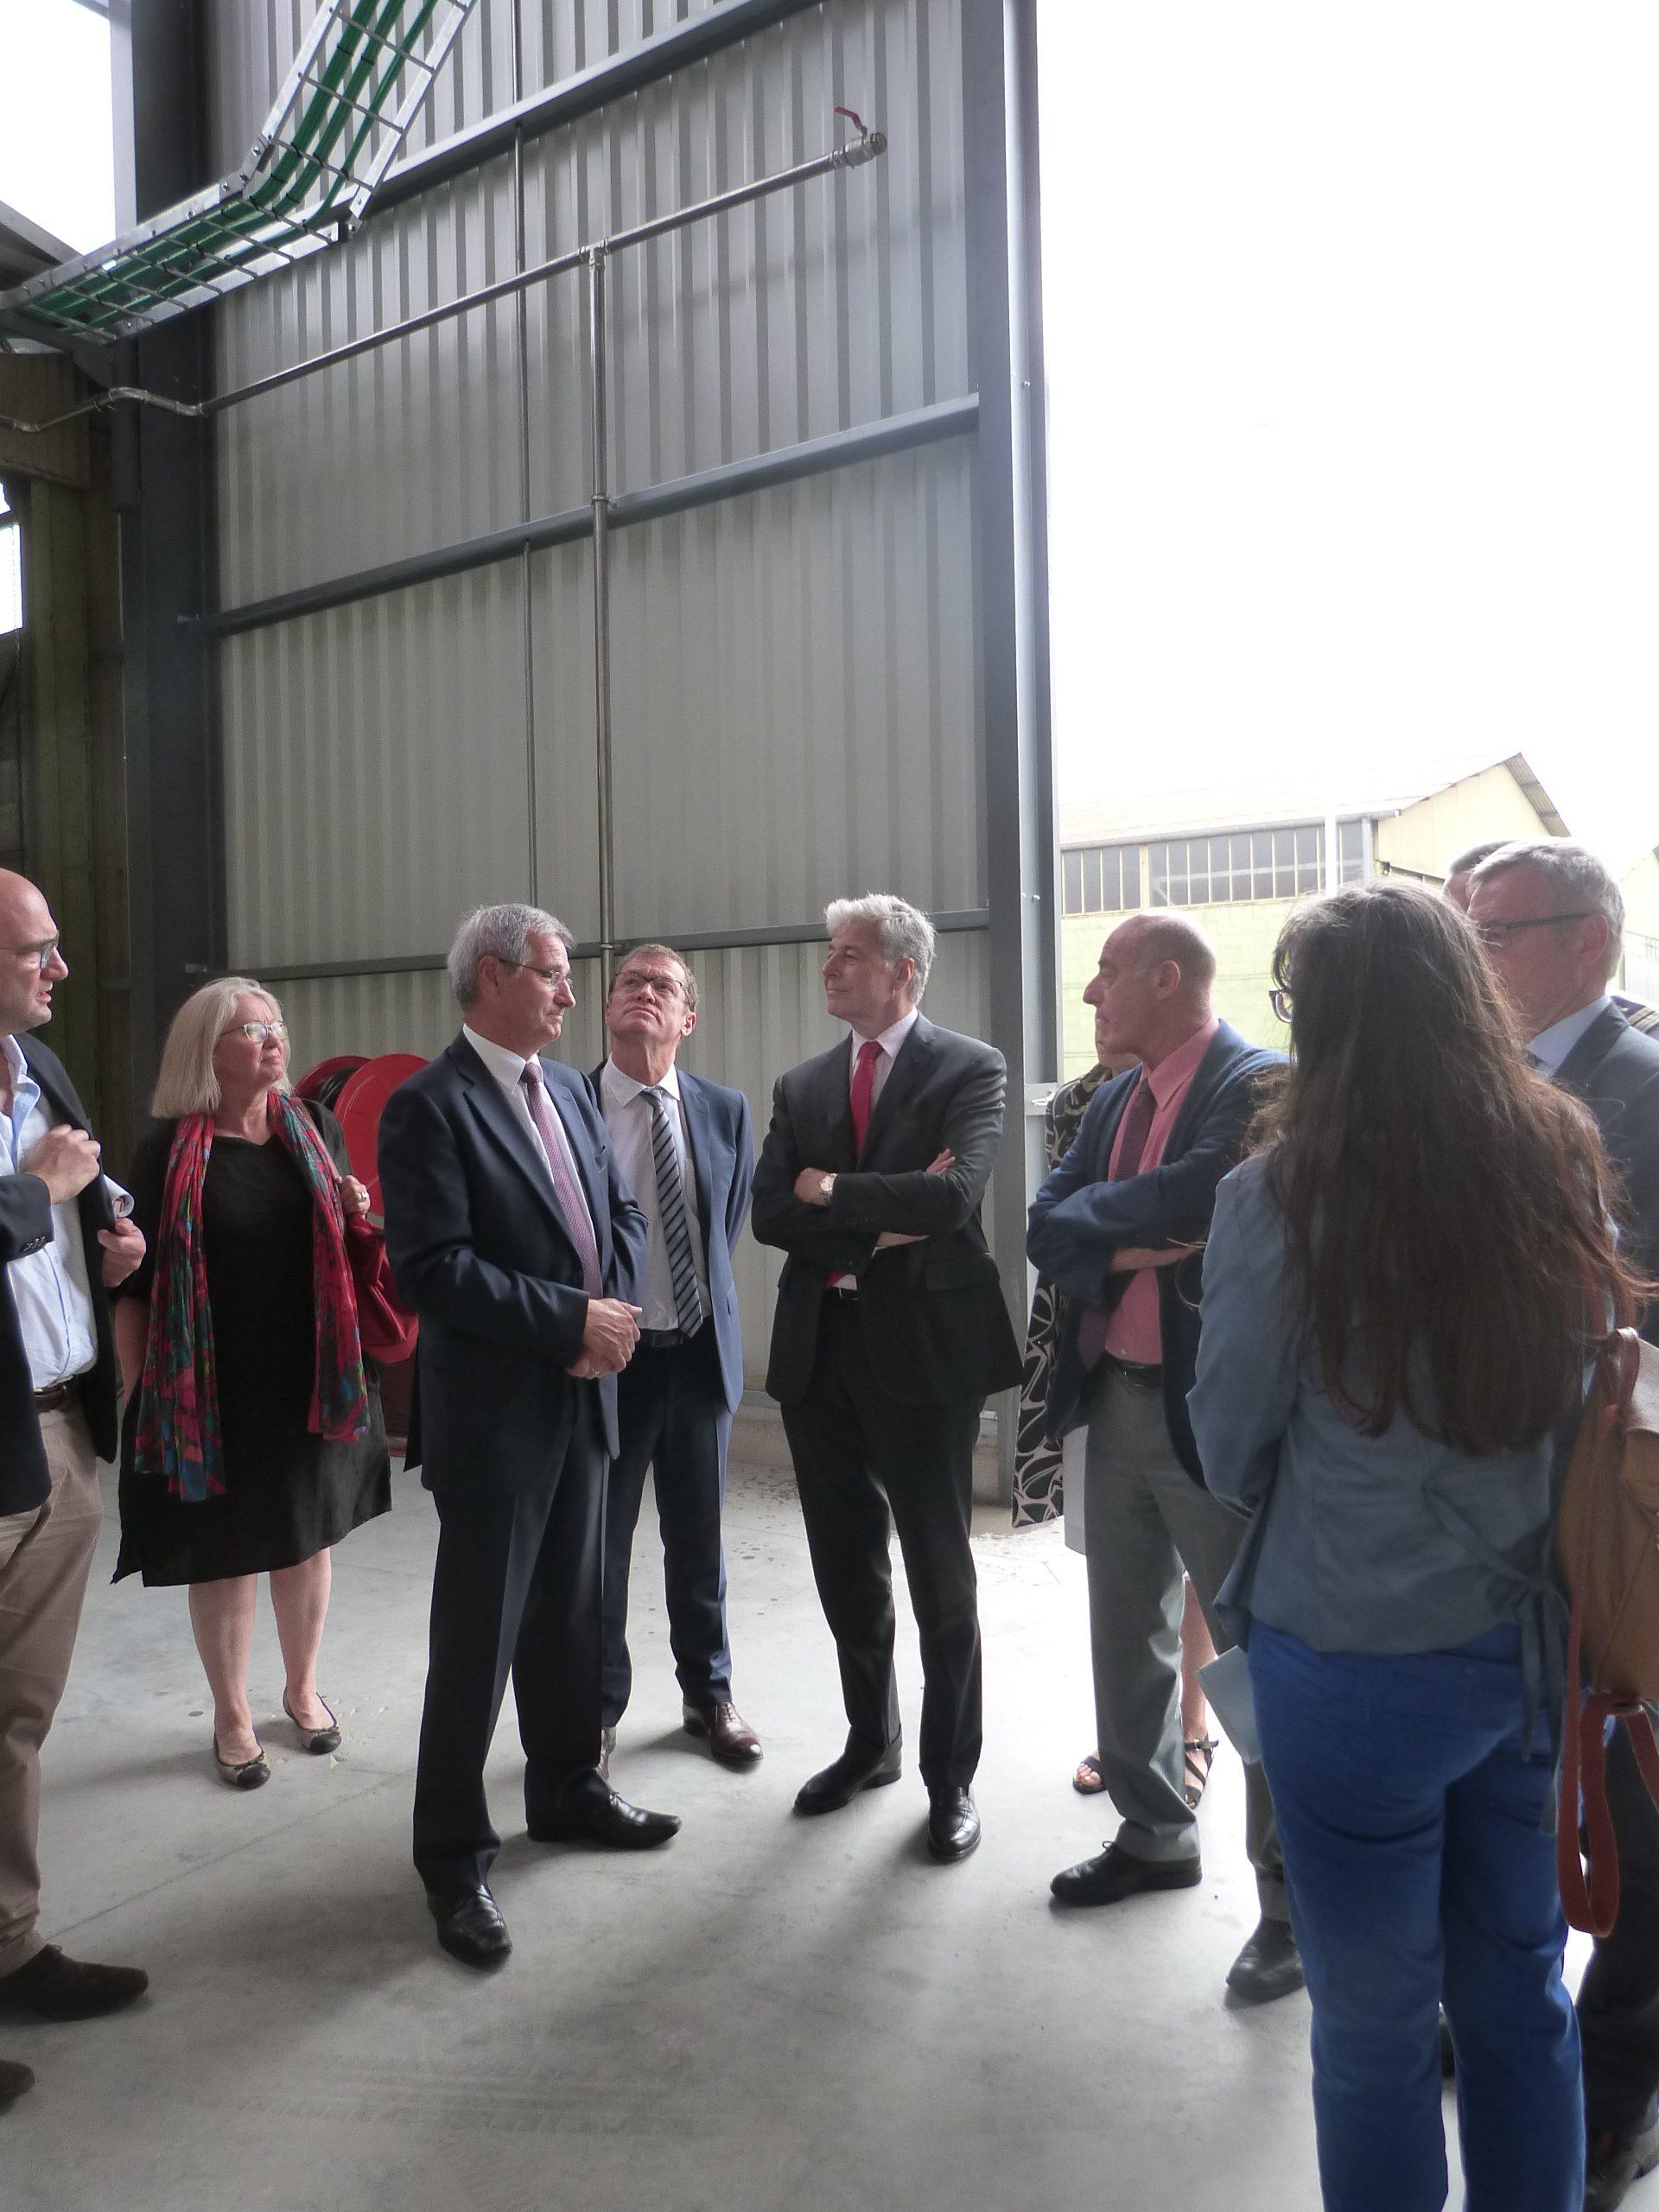 Le préfet de la région Auvergne-Rhône-Alpes visite l'EcoCentre de Varennes